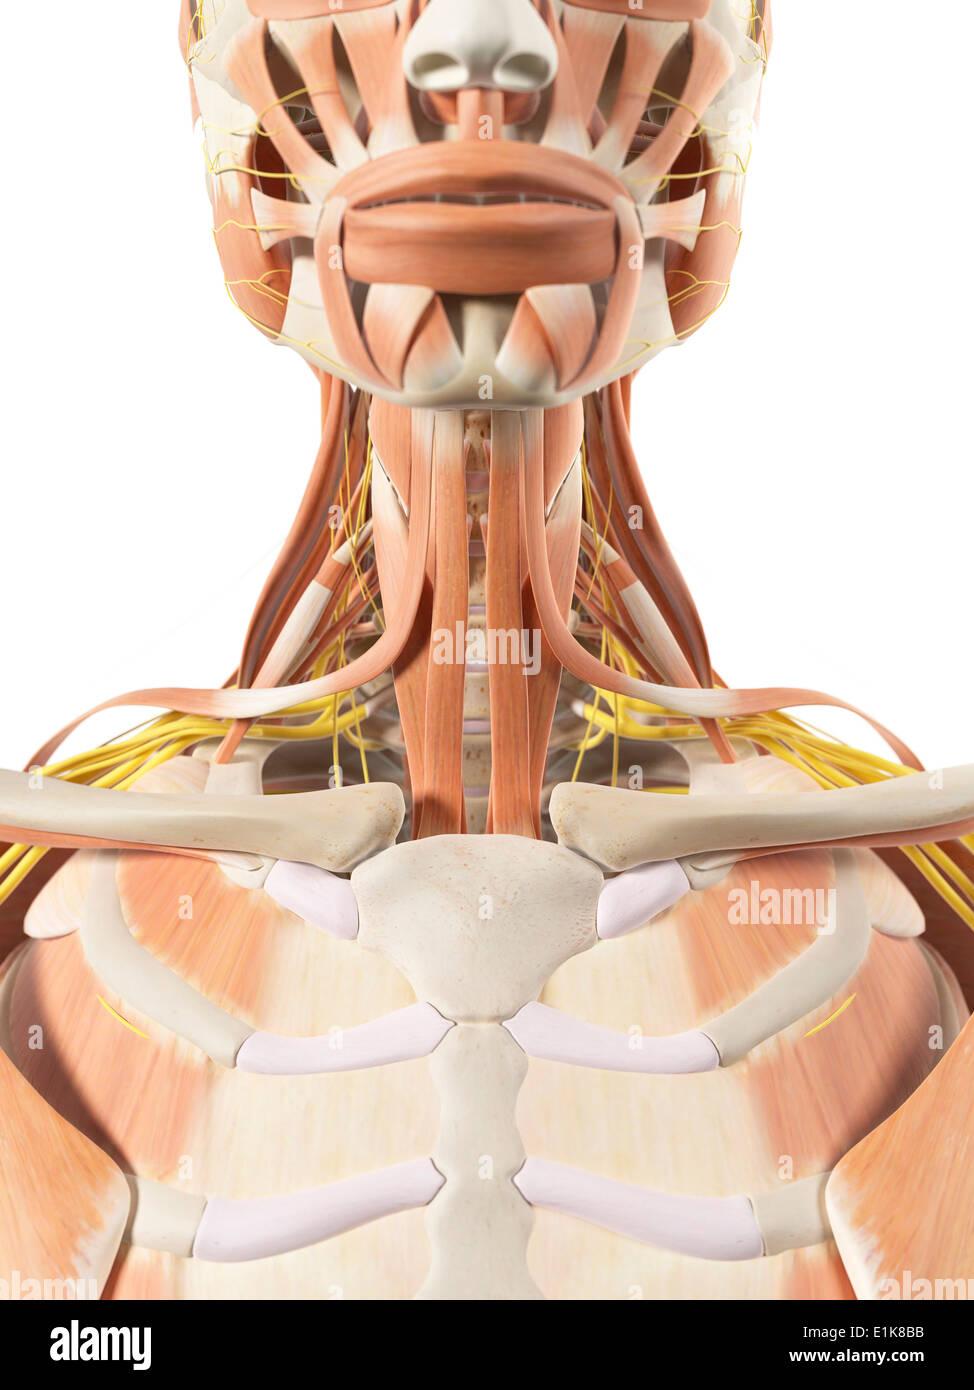 Berühmt Muskel Hals Ideen - Anatomie Und Physiologie Knochen Bilder ...